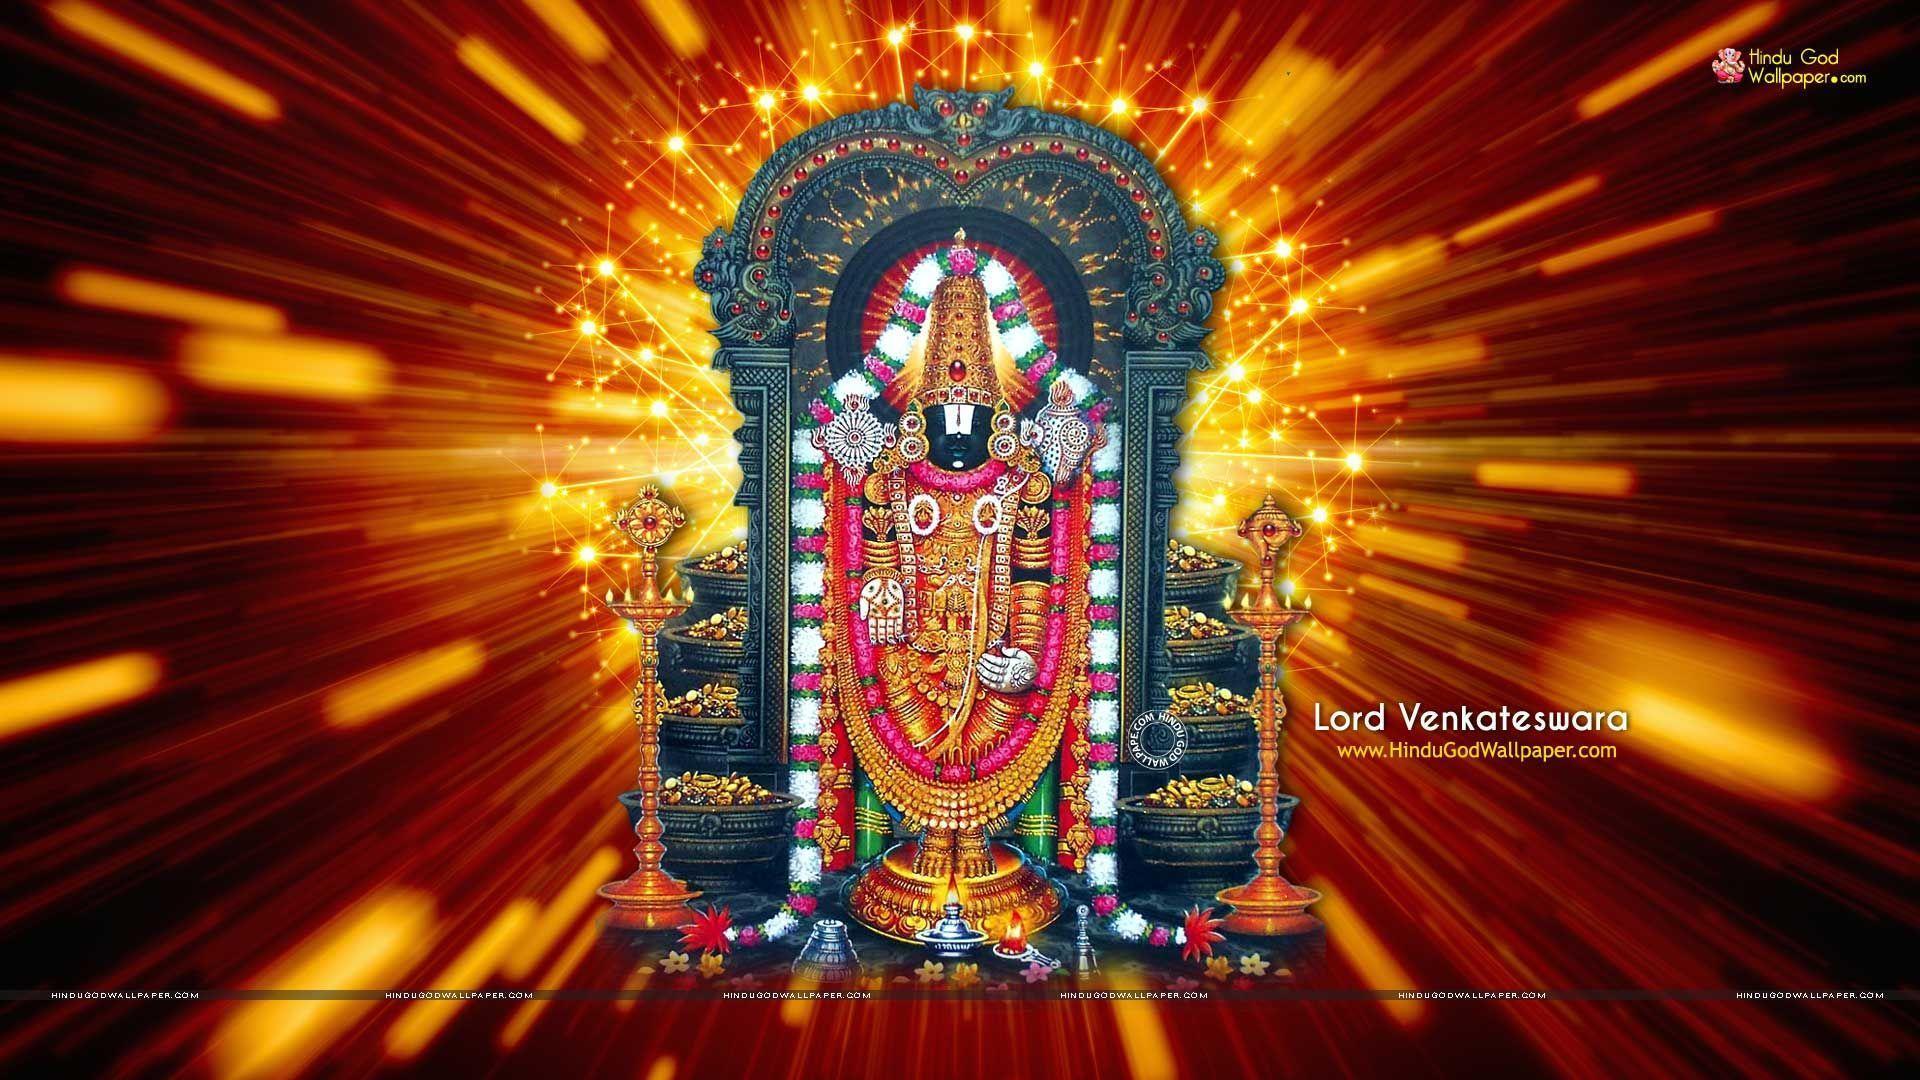 lord venkateswara 4k wallpapers top free lord venkateswara 4k backgrounds wallpaperaccess lord venkateswara 4k wallpapers top